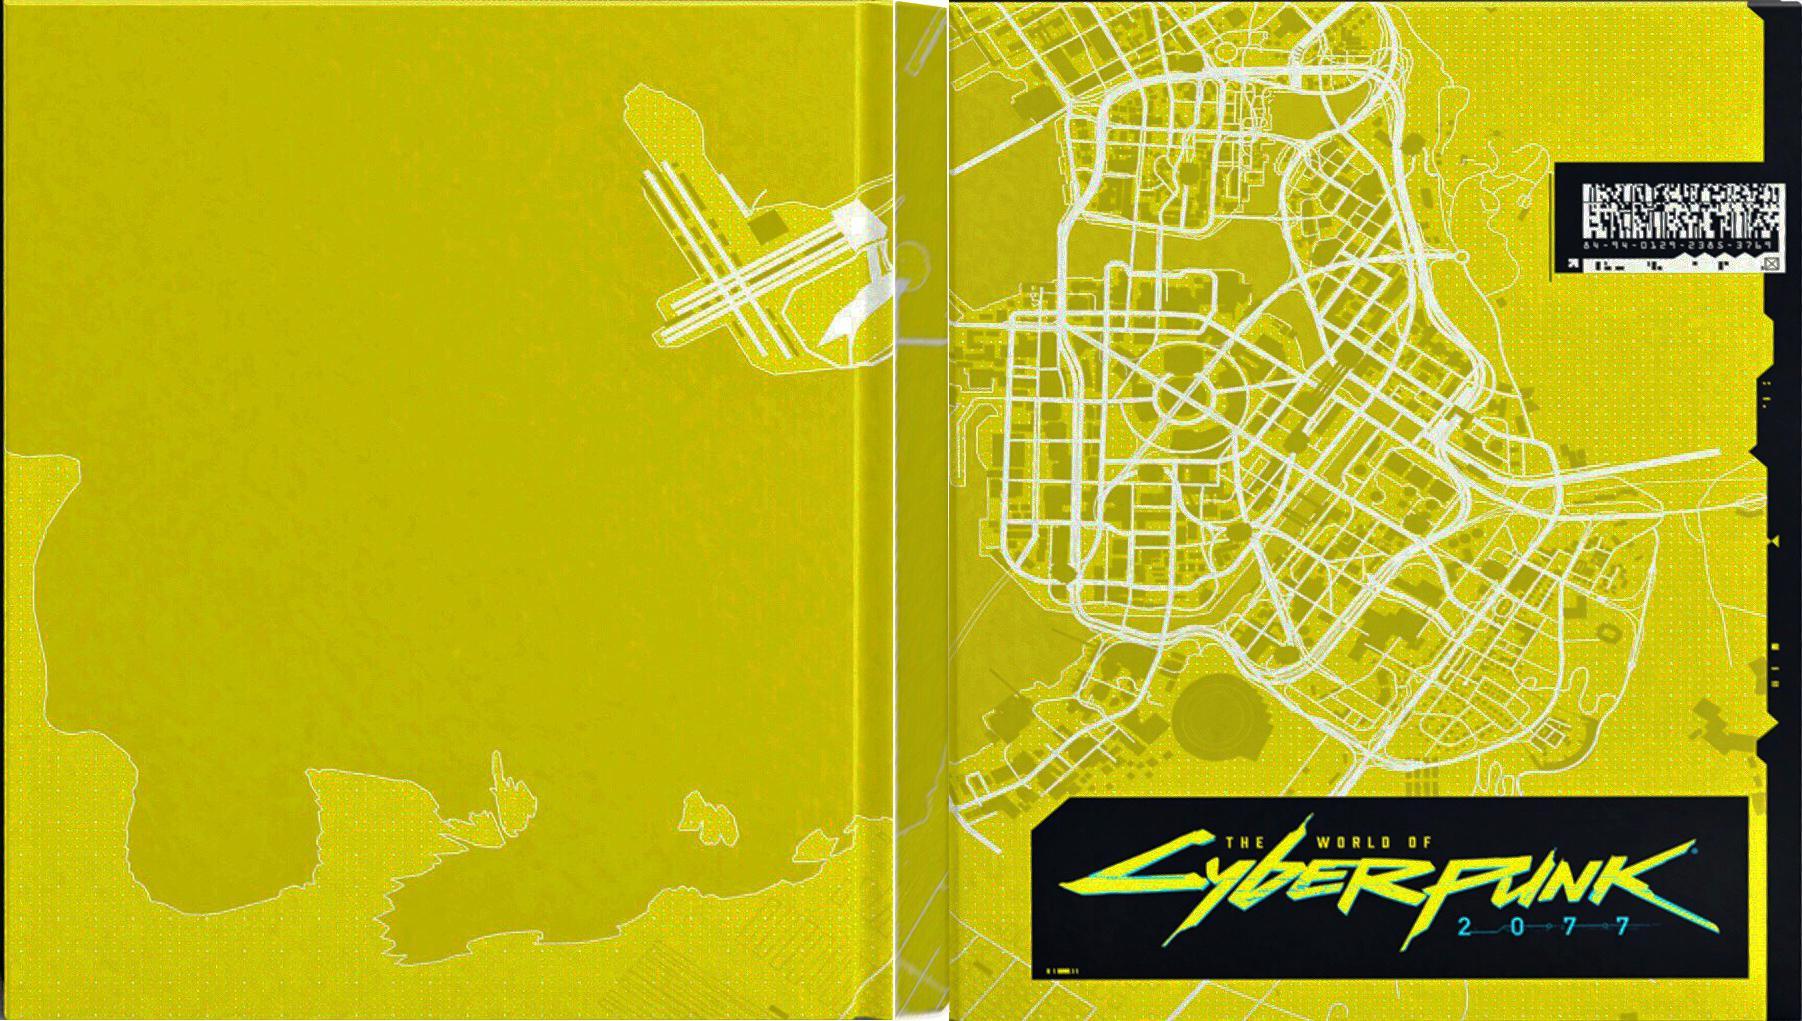 Cyberpunk-2077-map.jpg